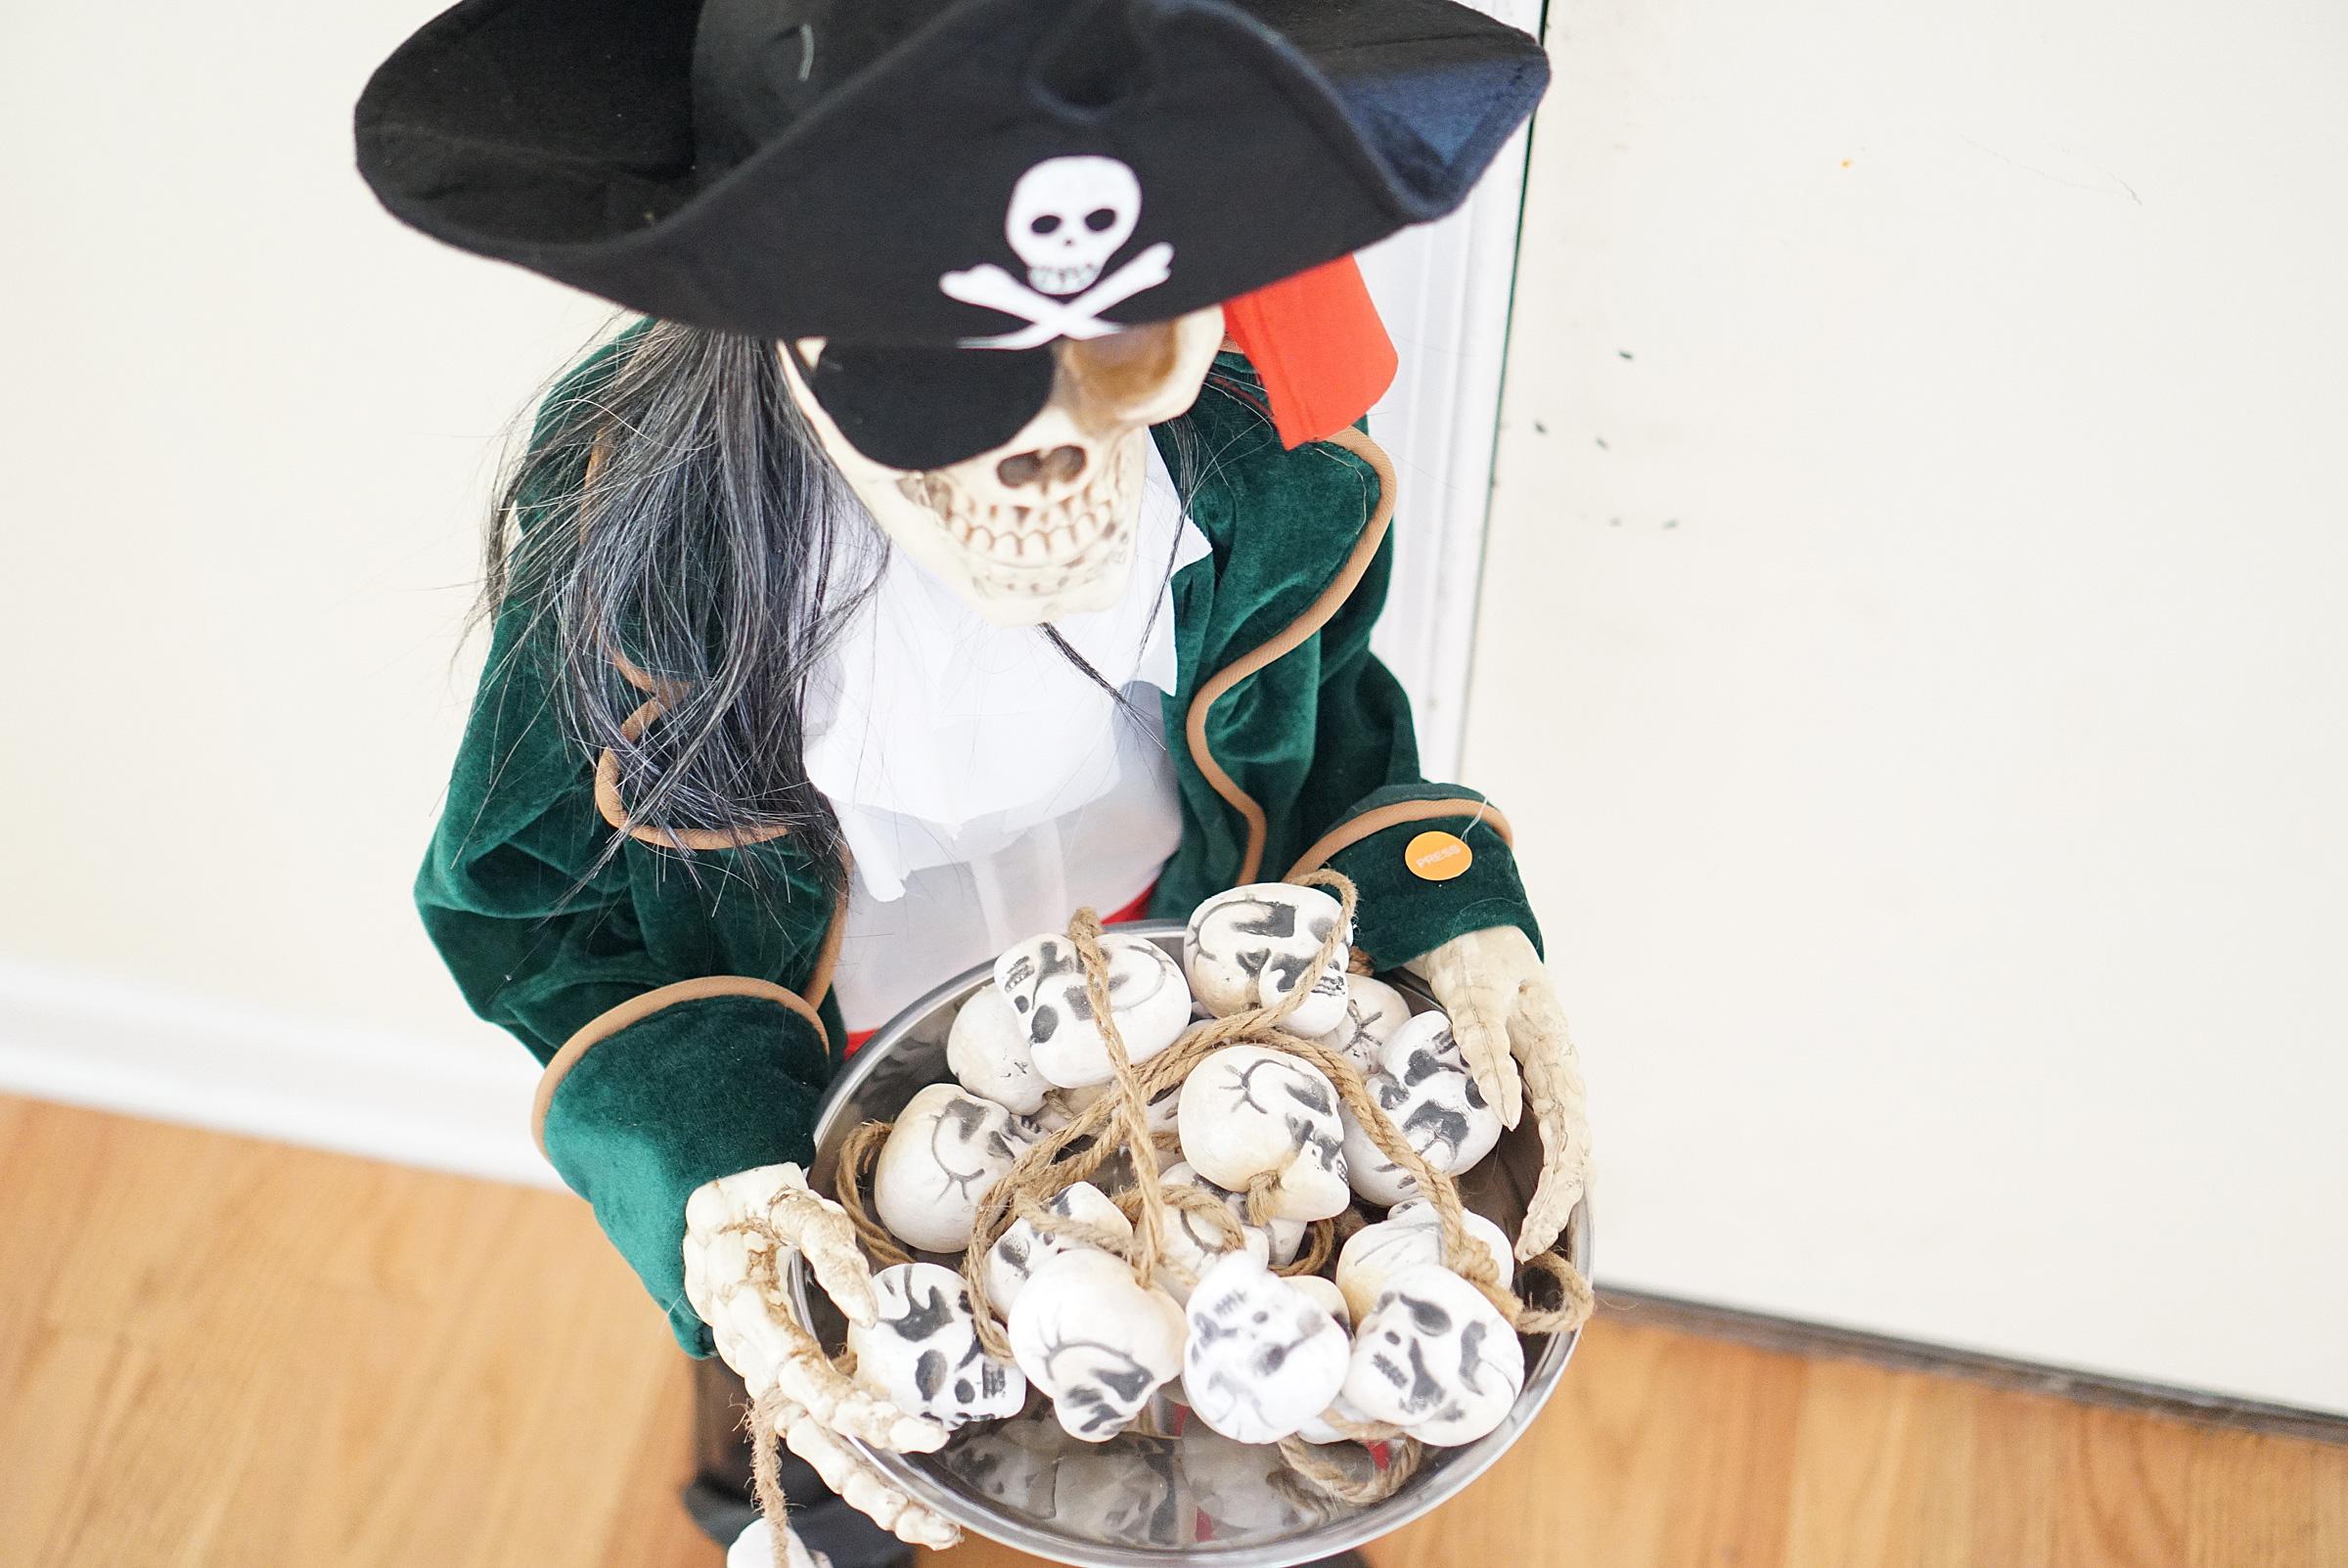 Halloween Serving Skulls and Bones